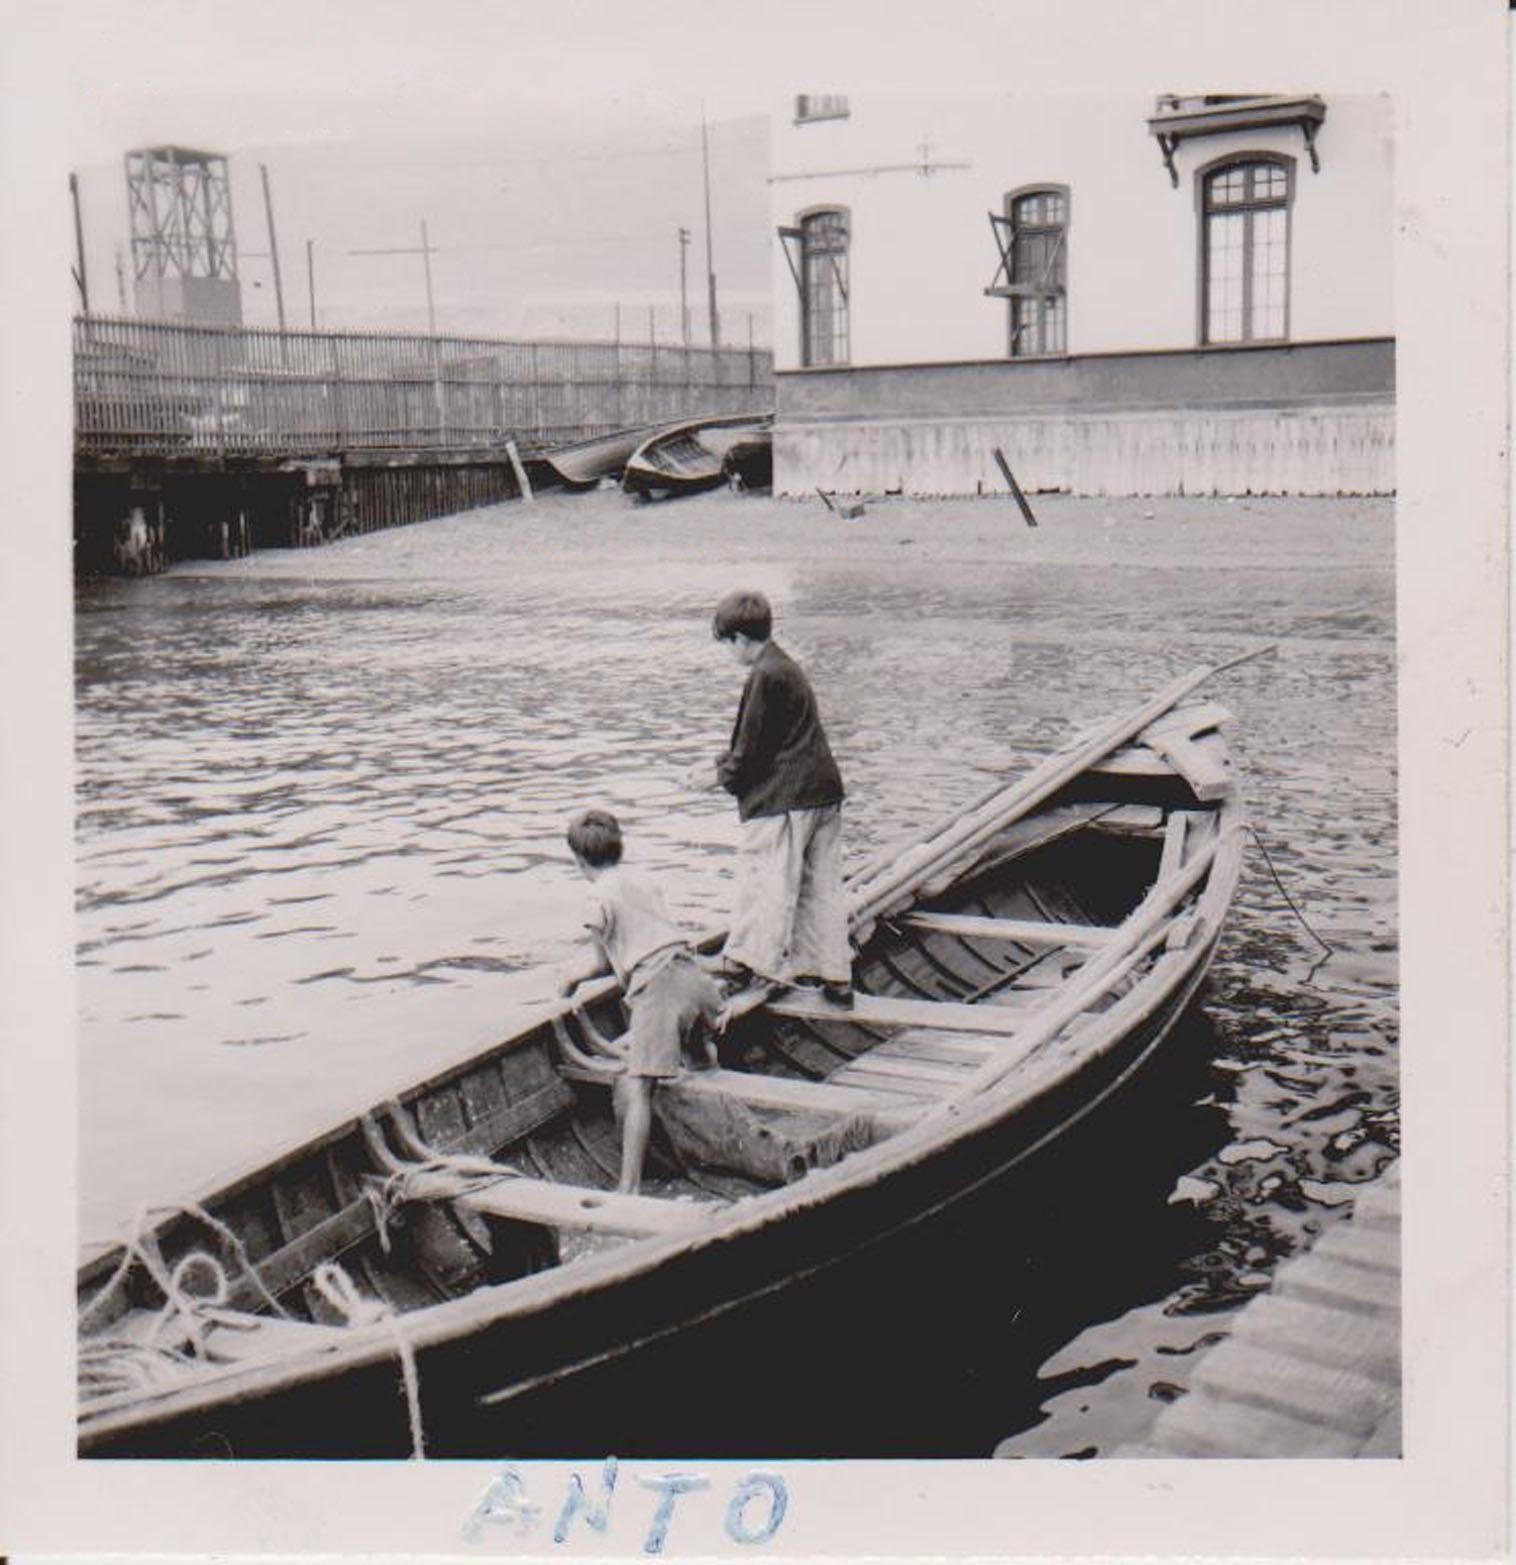 Enterreno - Fotos históricas de chile - fotos antiguas de Chile - Antofagasta en 1950